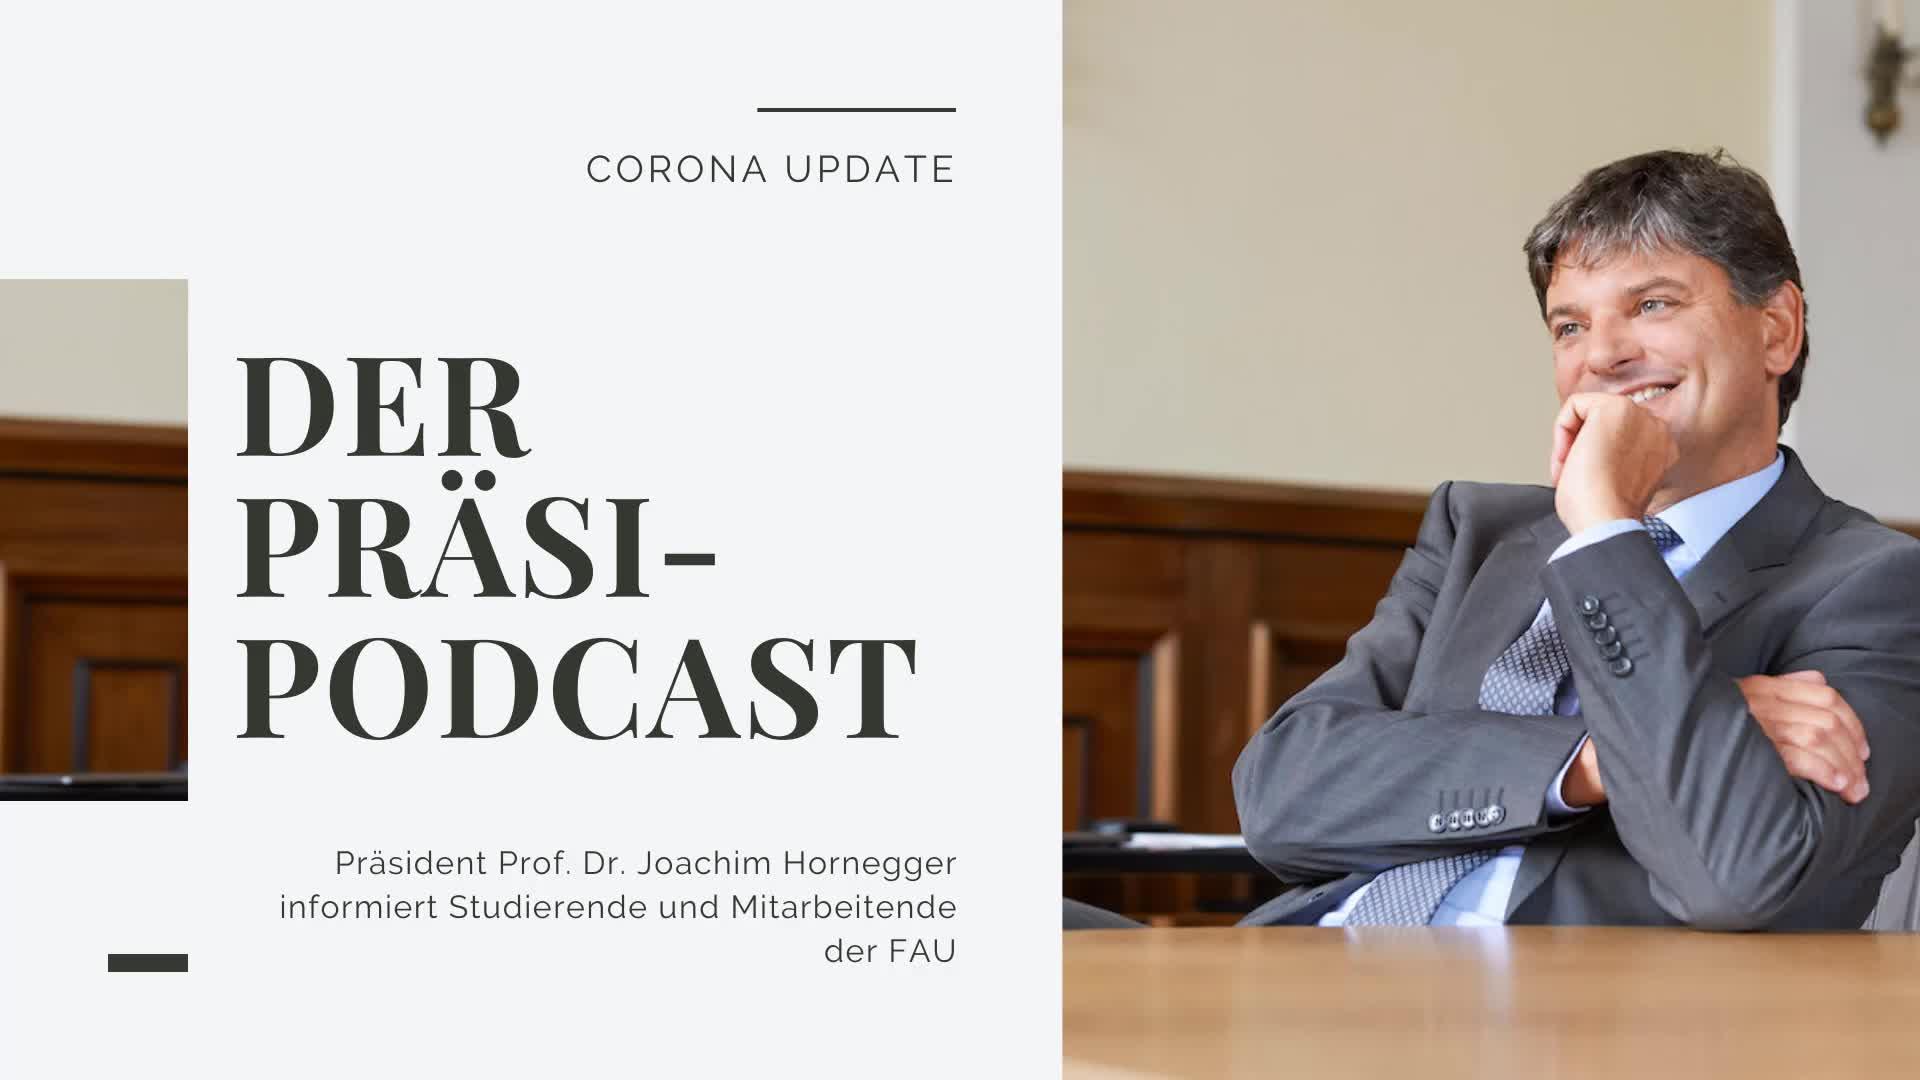 """""""Der Präsi-Podcast"""" vom 14. September 2020 preview image"""